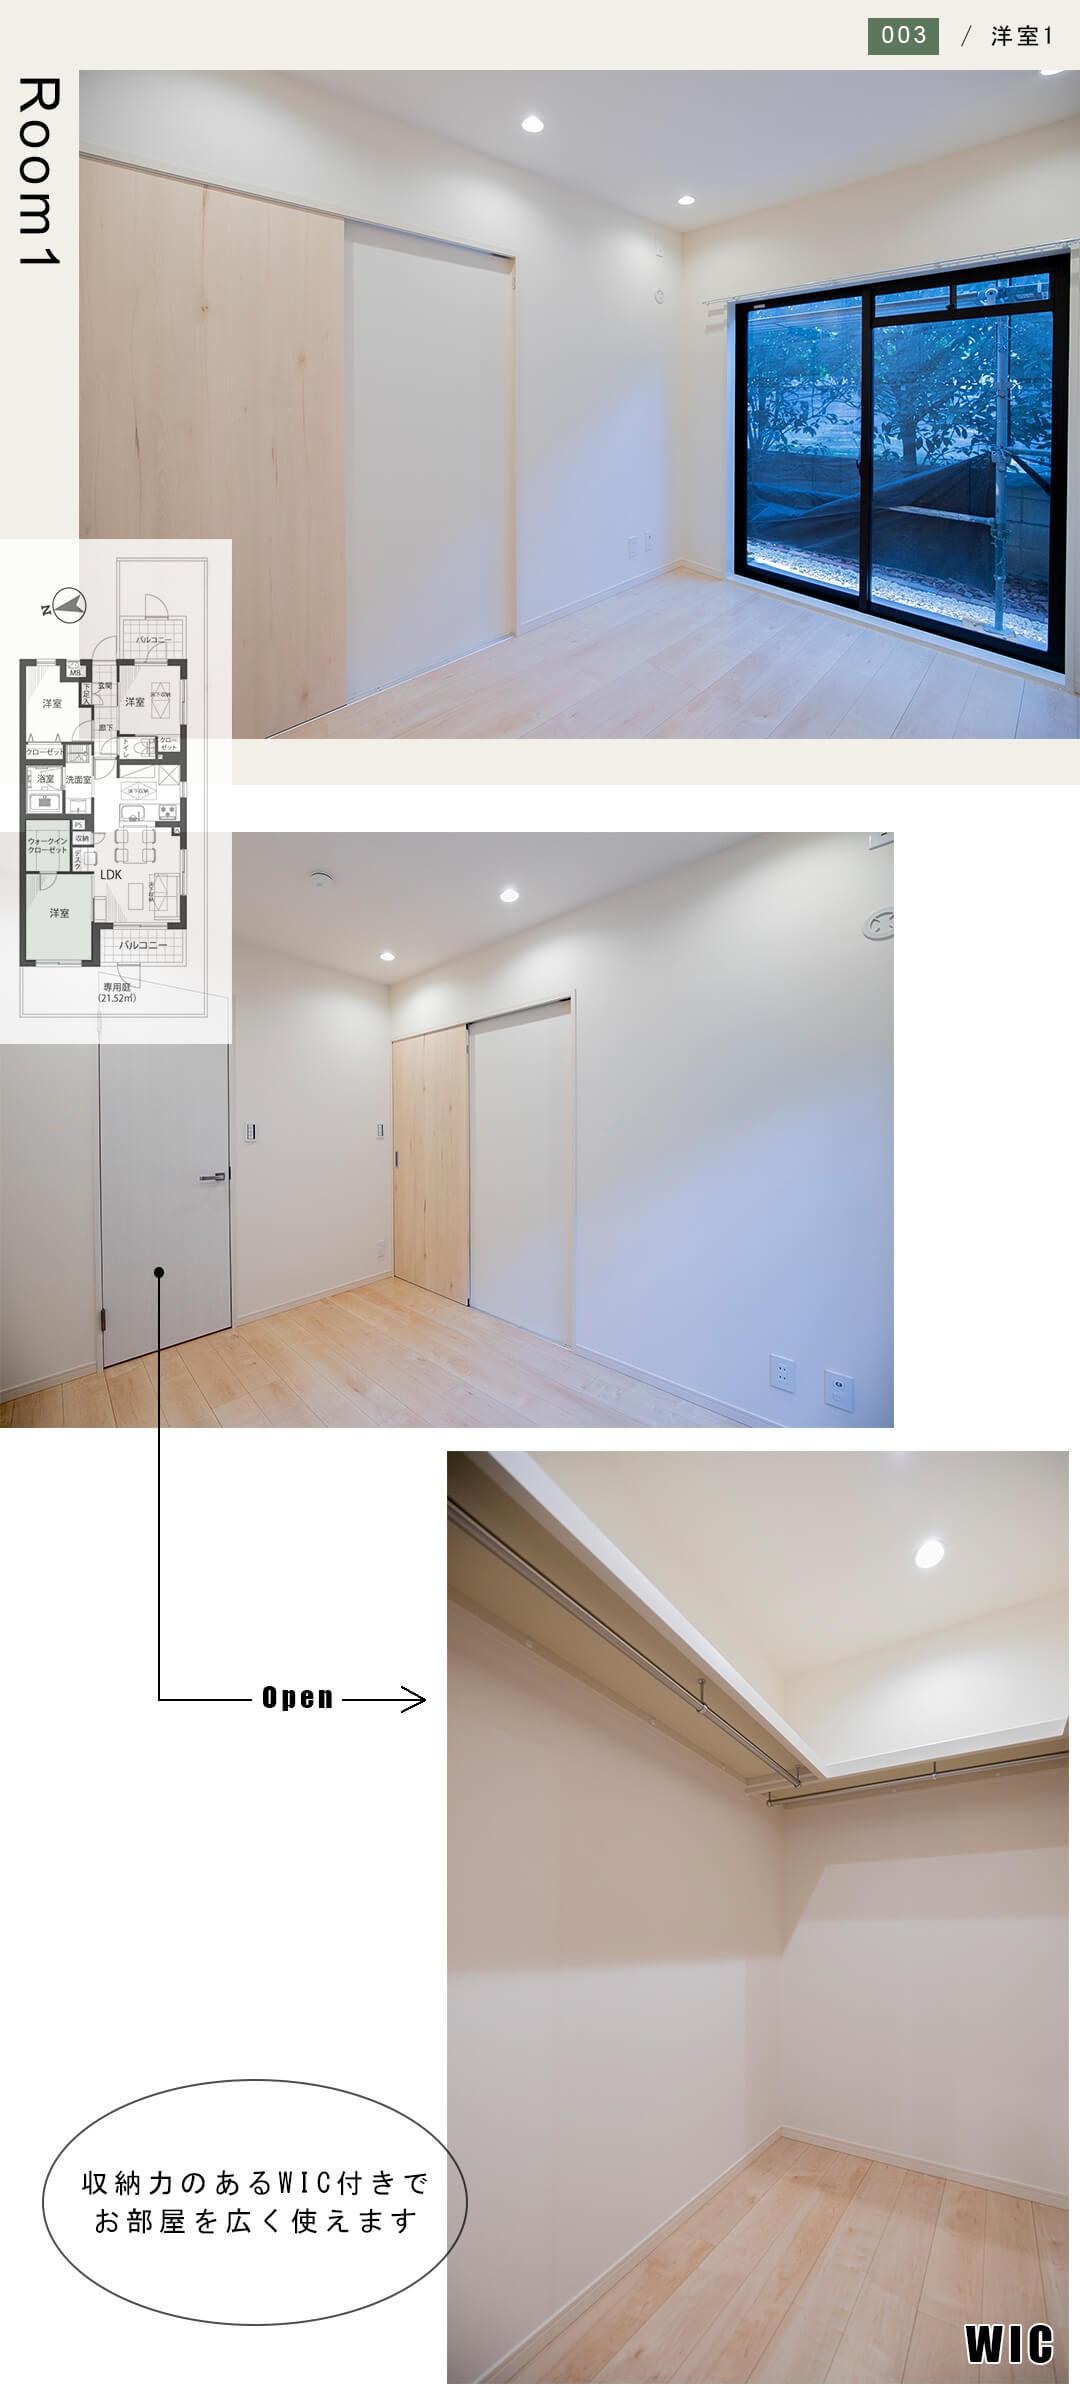 ガーデンホーム早稲田の洋室